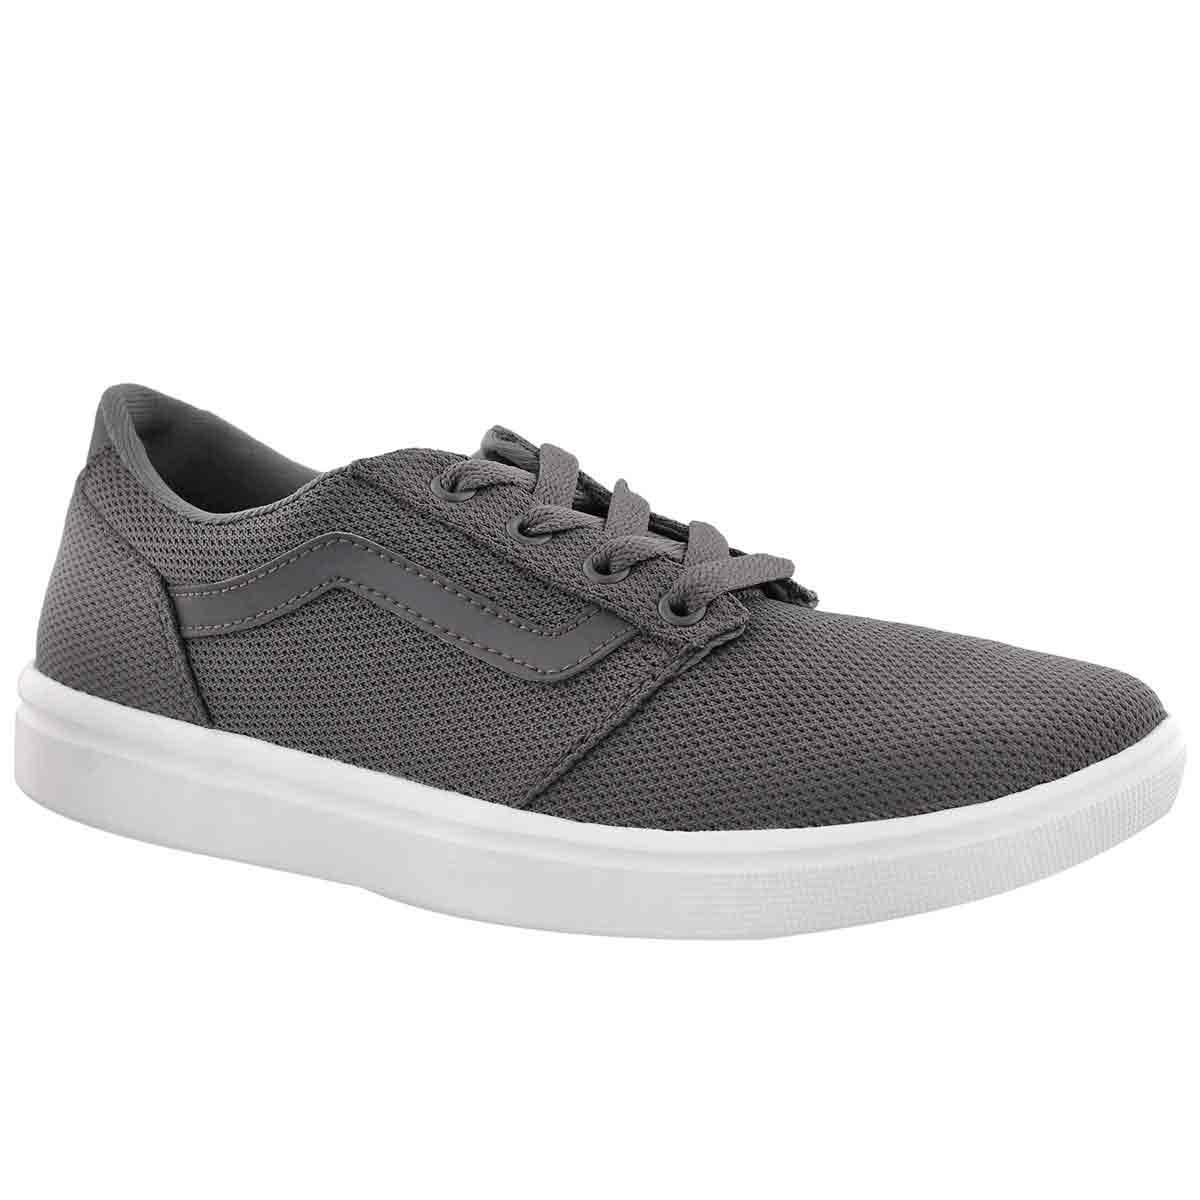 Men's CHAPMAN LITE grey/white sneakers